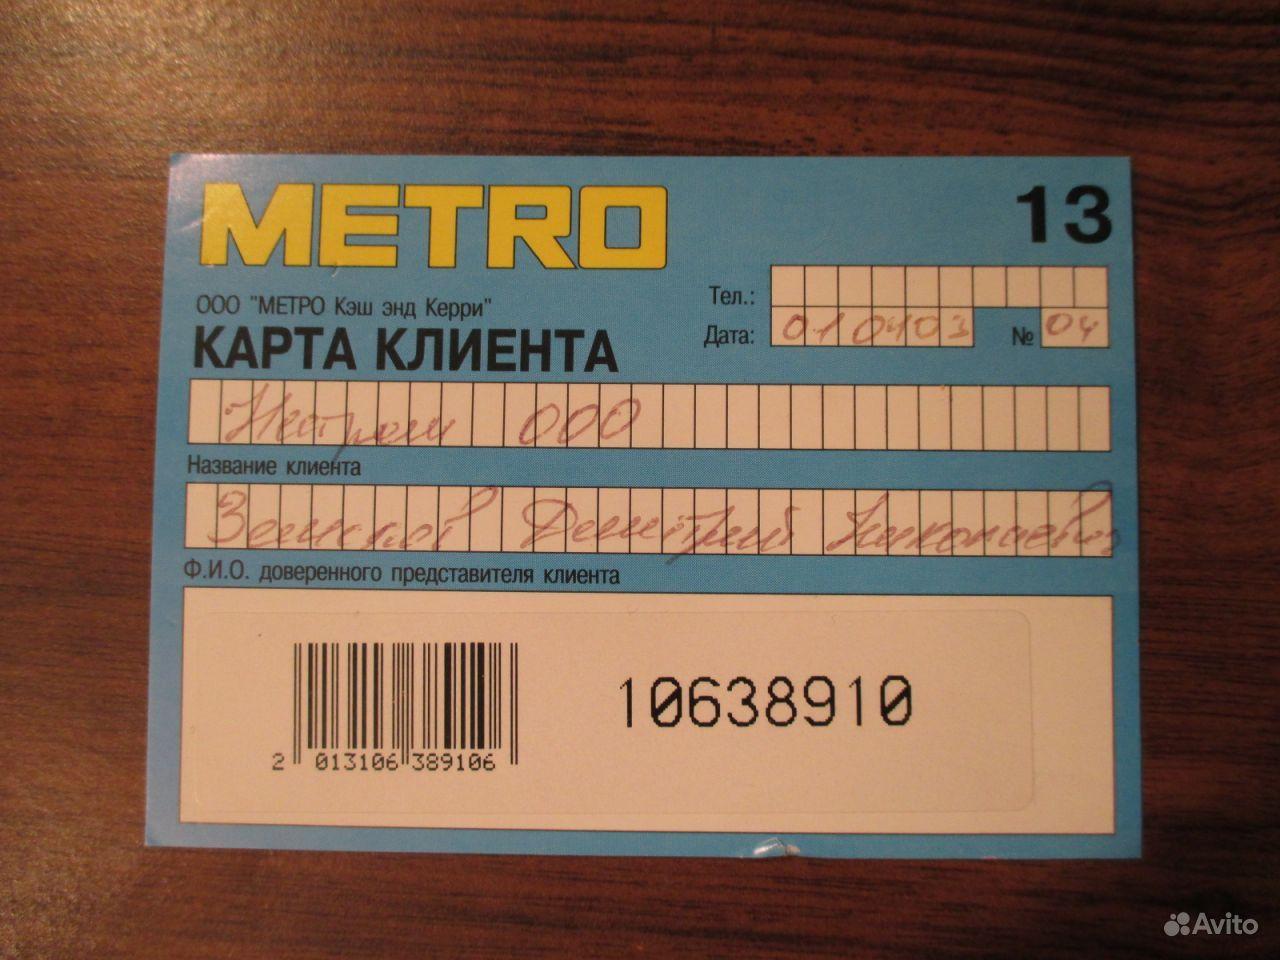 Как стать клиентом METRO. Оформление и получение карты